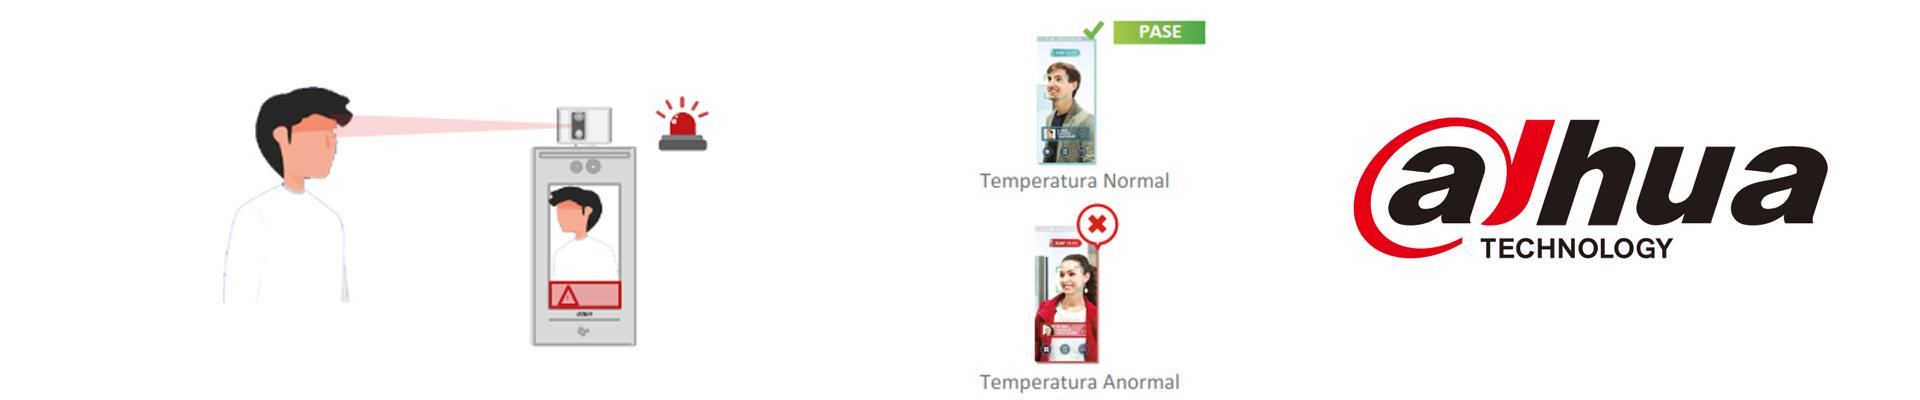 Alerta visual y de voz cuando se detecta una temperatura anormal. La información de alarma se envía al software de administración al mismo tiempo, una vez que la plataforma de administración está conectada.